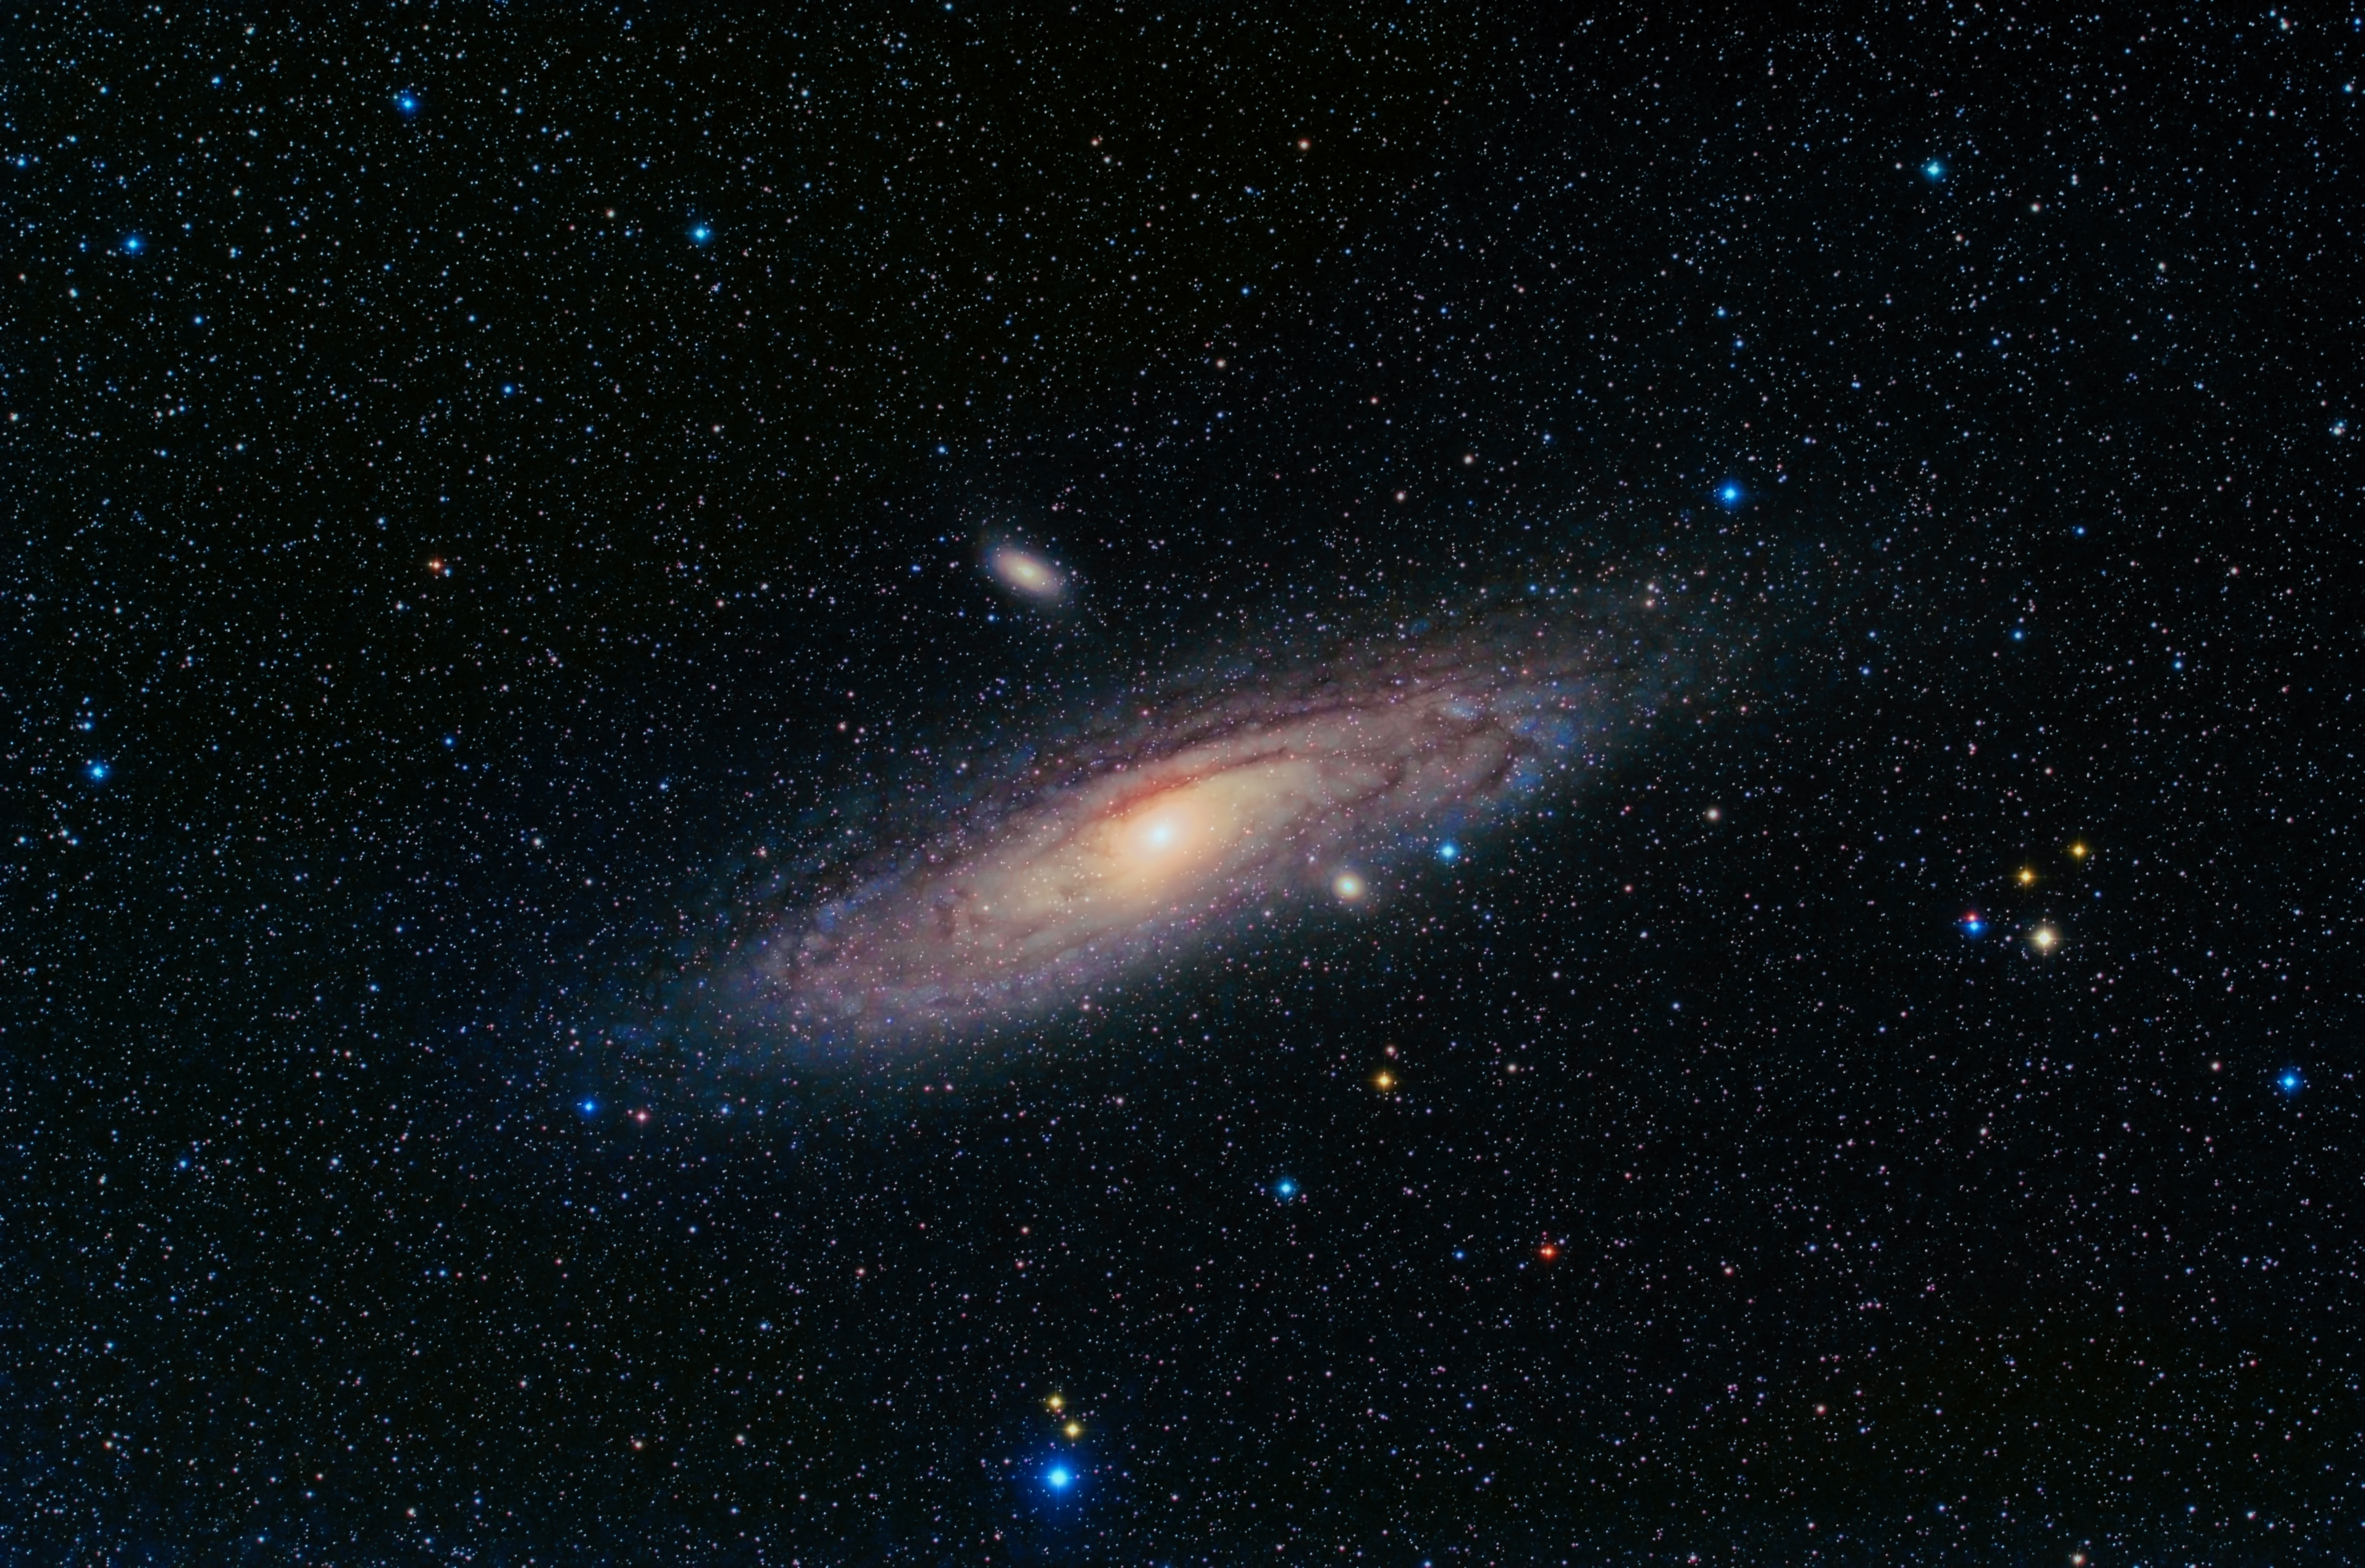 andromeda galaxy images - HD1332×850